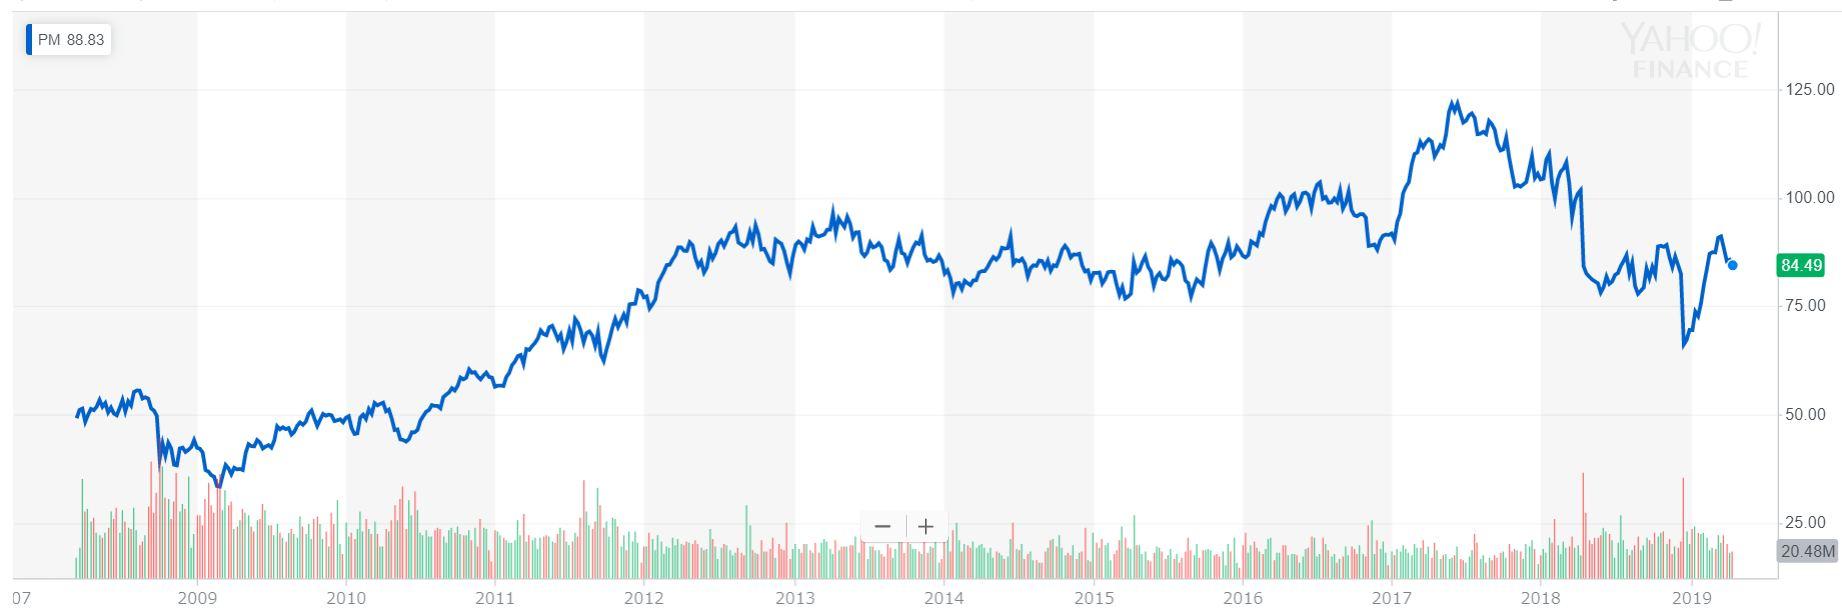 フィリップ・モリス(PM)の株価推移